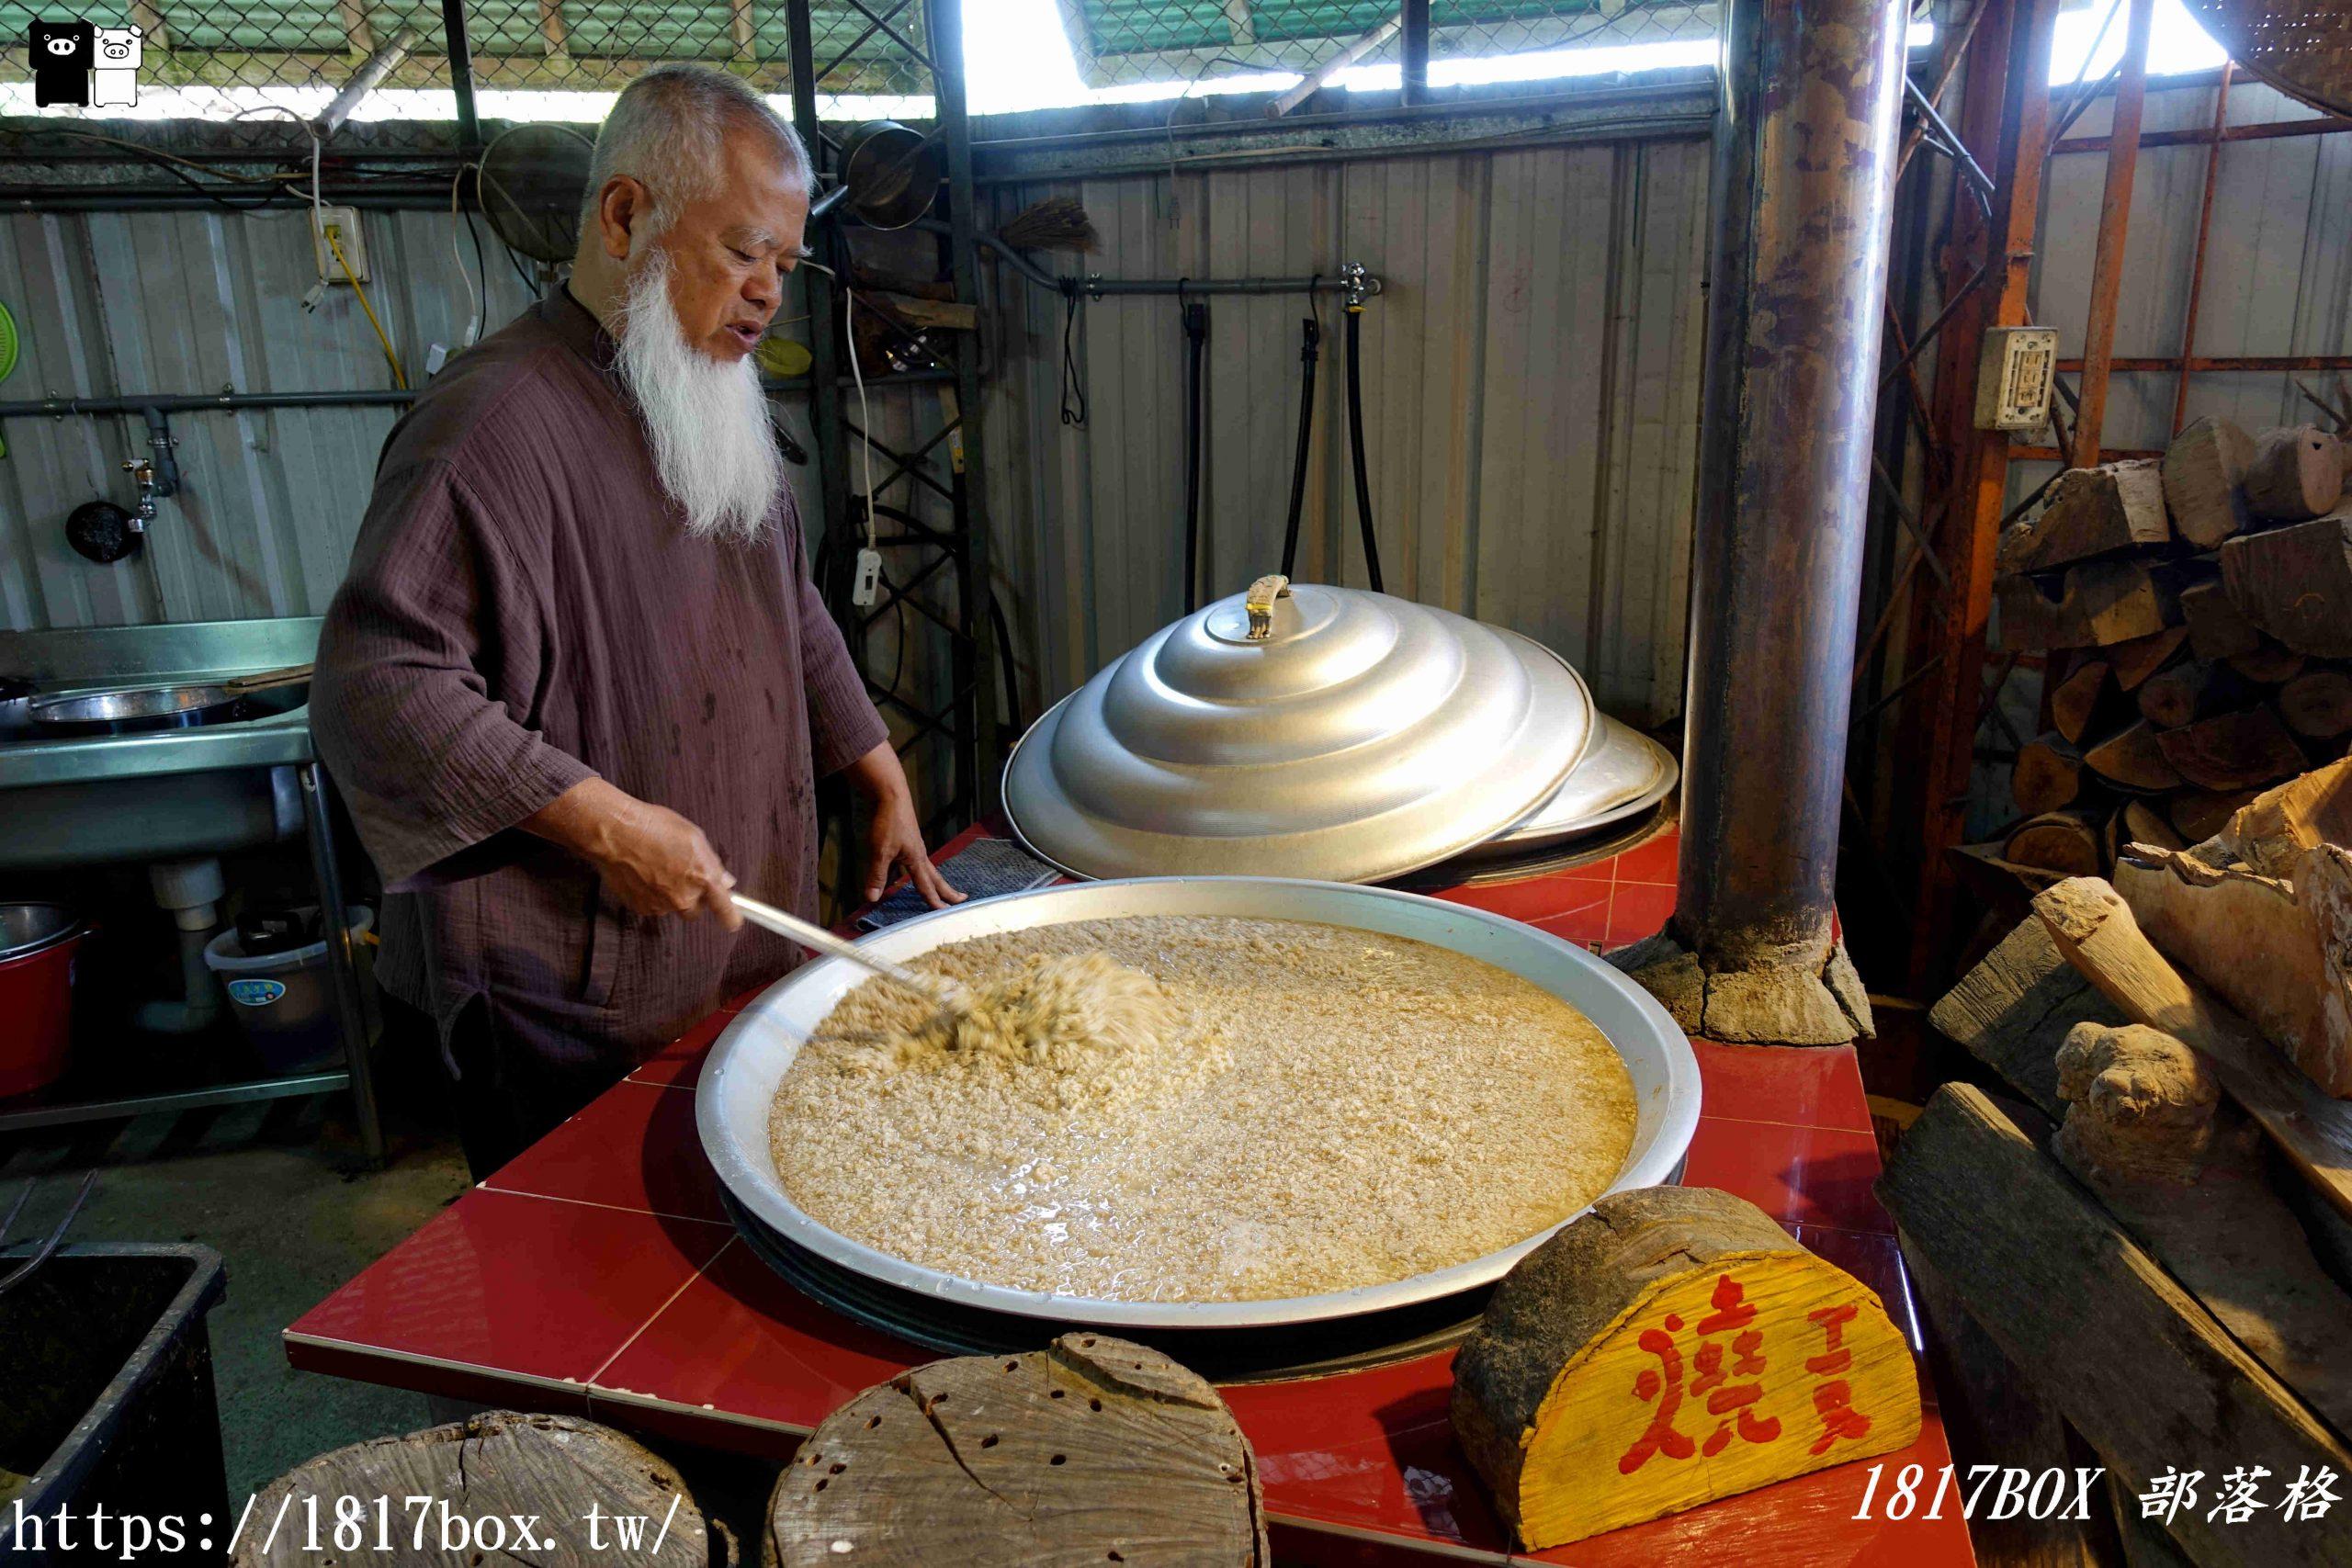 【南投。竹山】山鼎人柴燒手工麥芽。依循古法製作。用柴火慢火熬煮 @1817BOX部落格